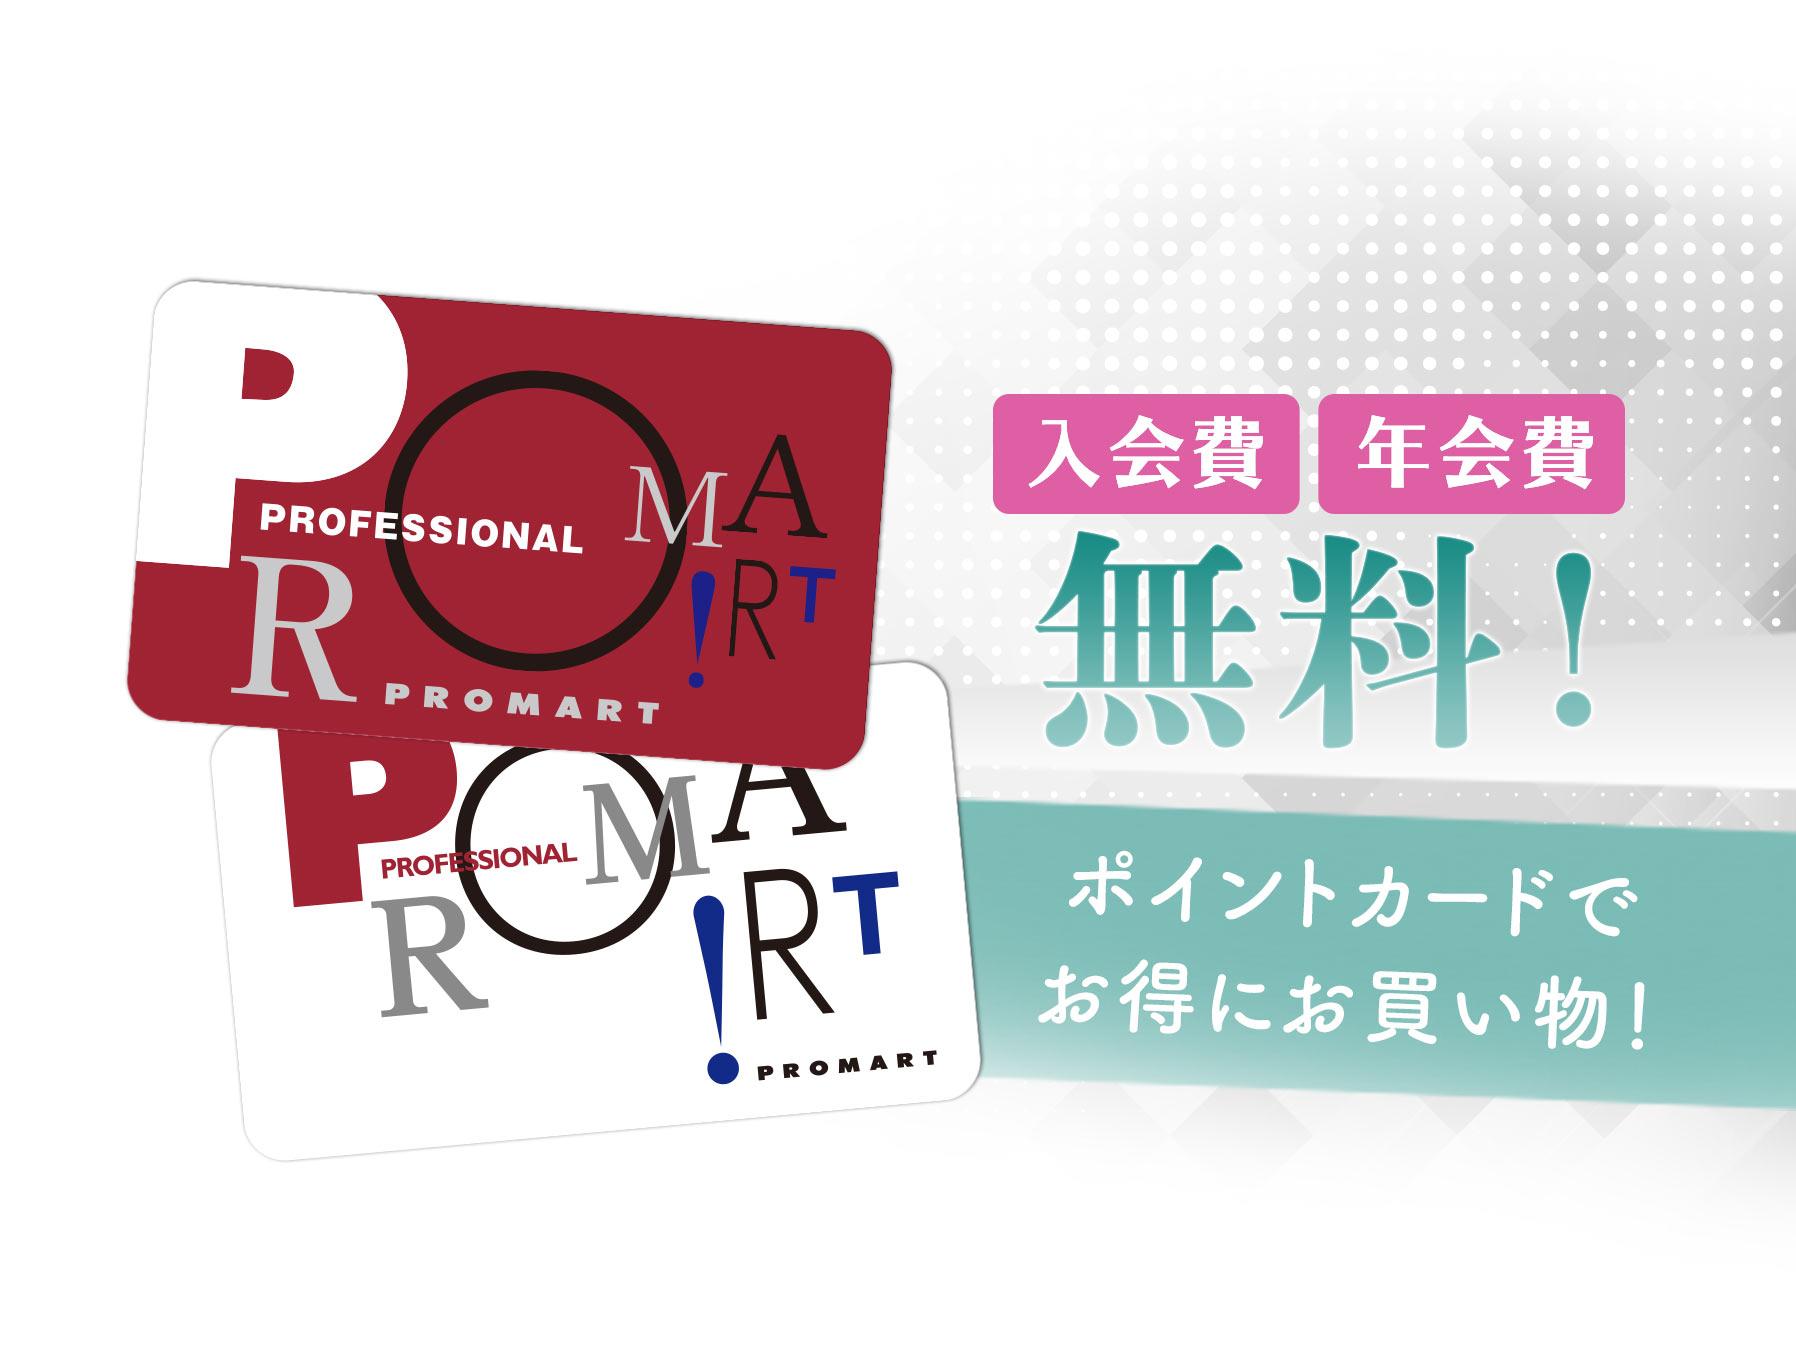 ポイントカードでお得にお買い物!